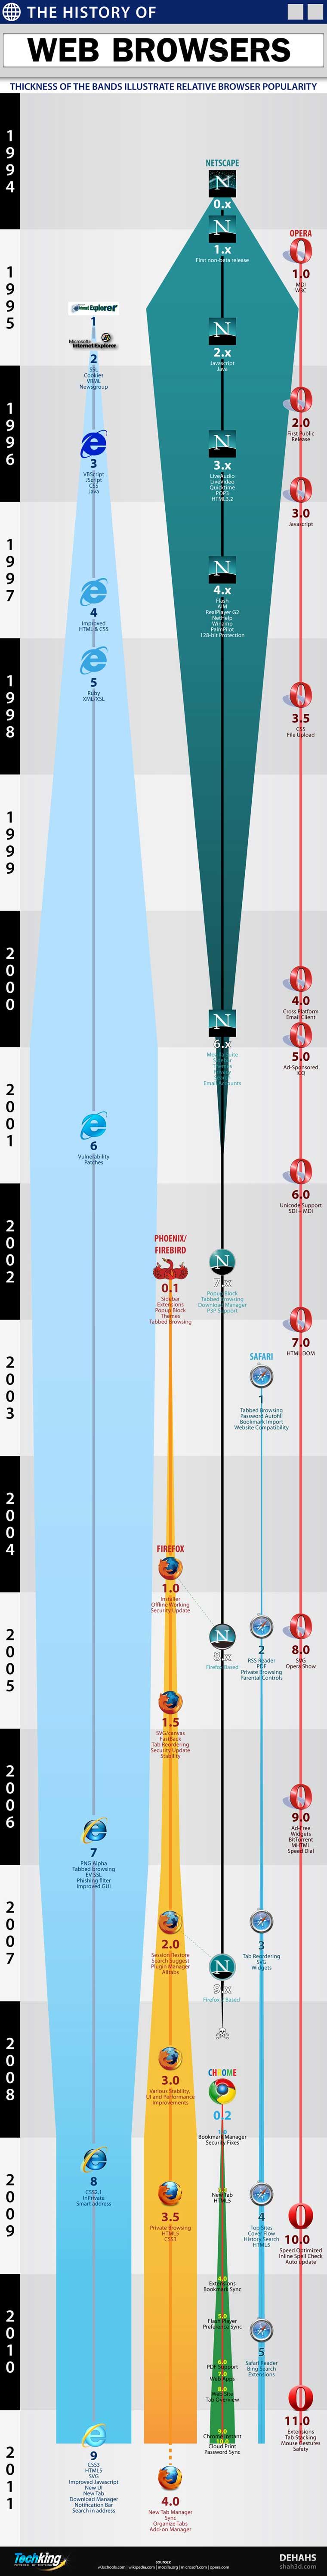 Infographie : L'histoire des navigateurs Web, où en est-on ?